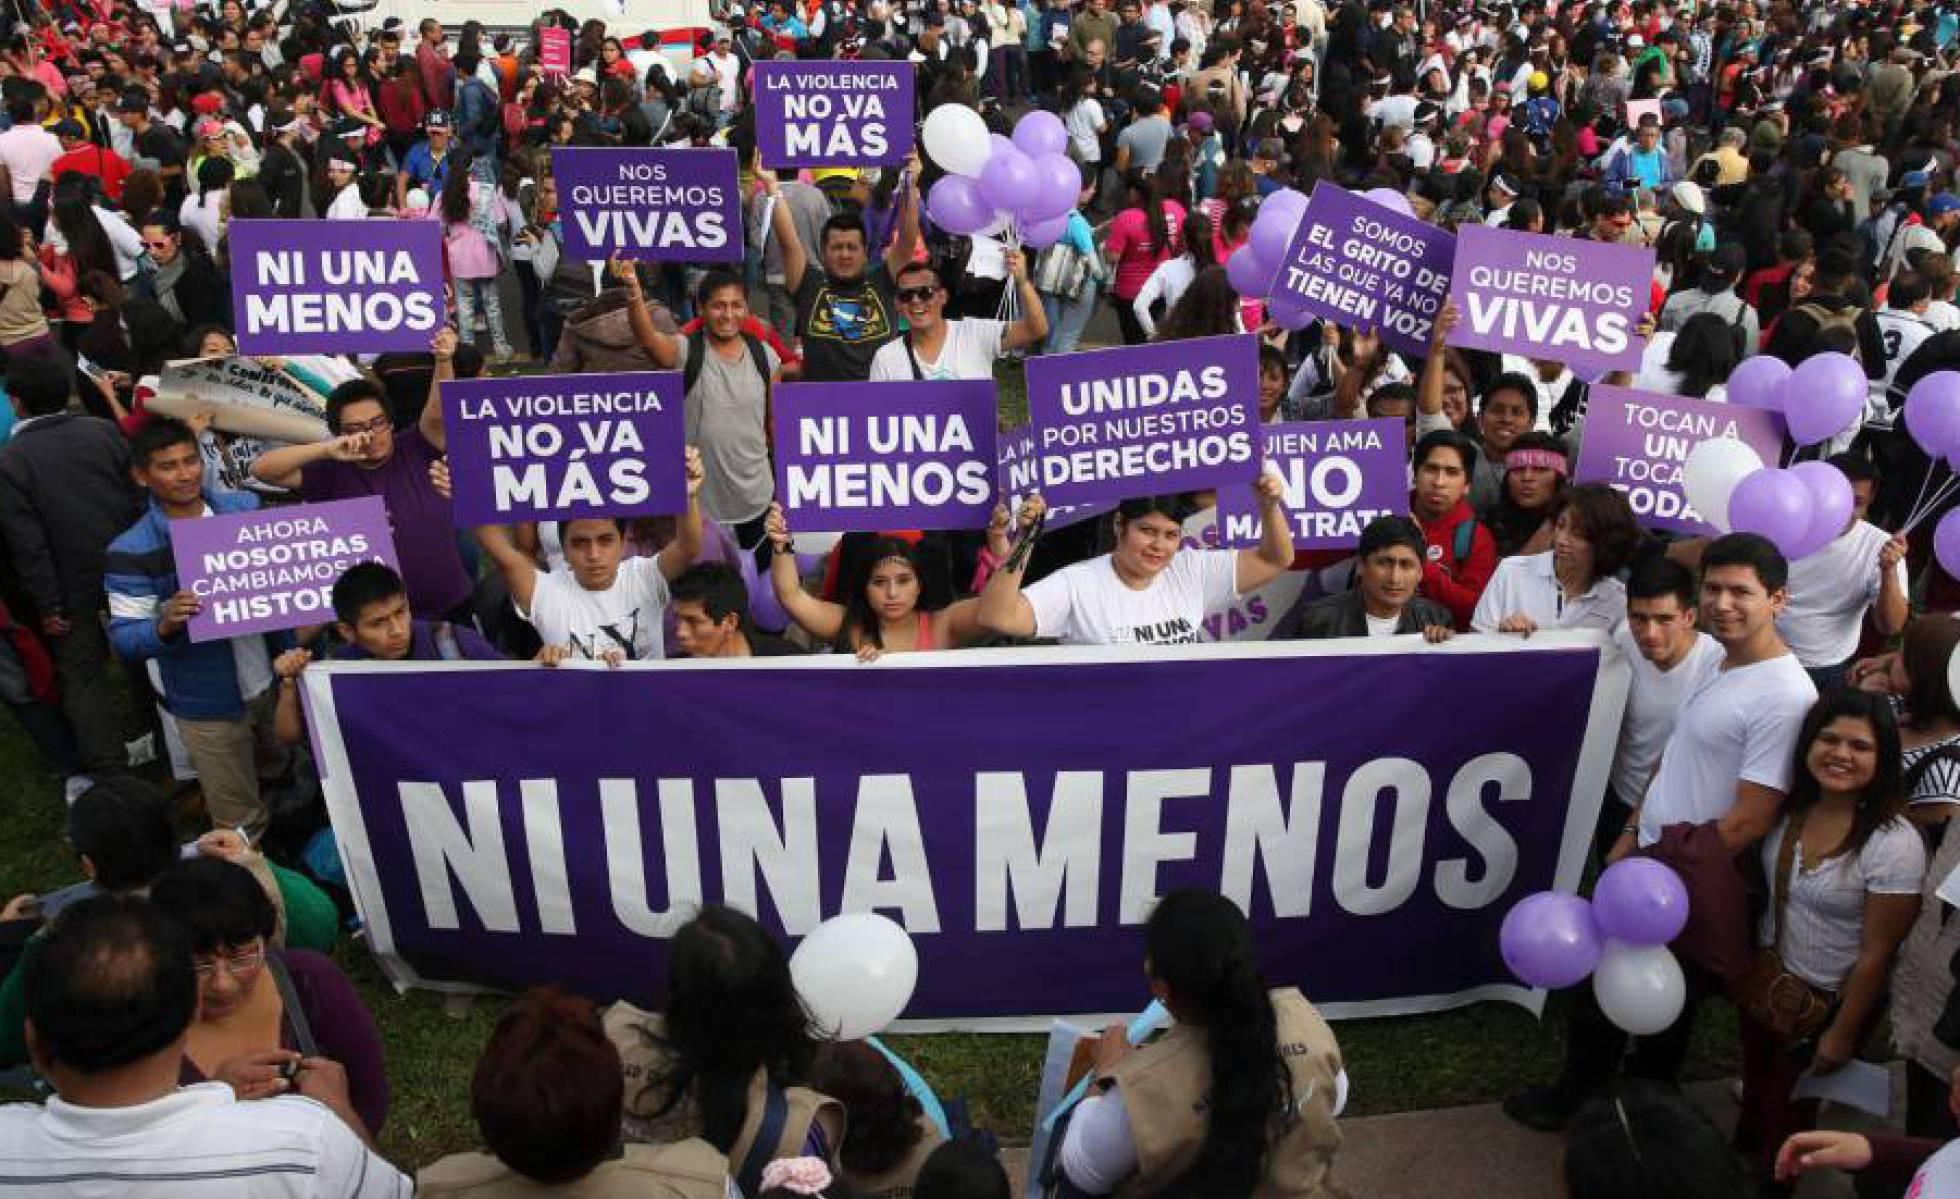 El drama de los feminicidios no se detiene en Perú